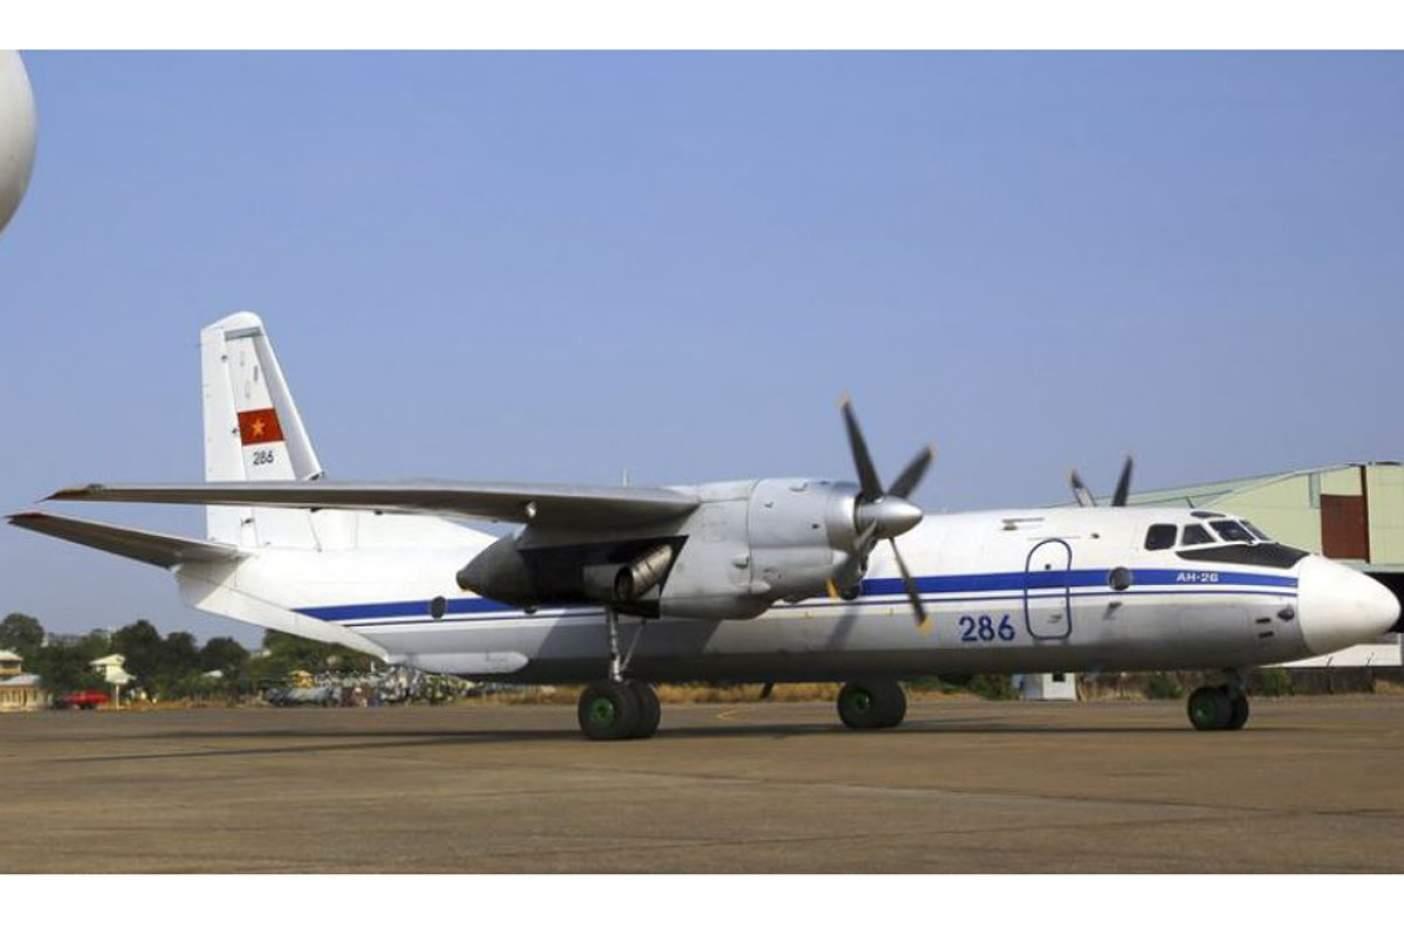 Mueren 32 personas tras estrellarse avión militar ruso en Siria